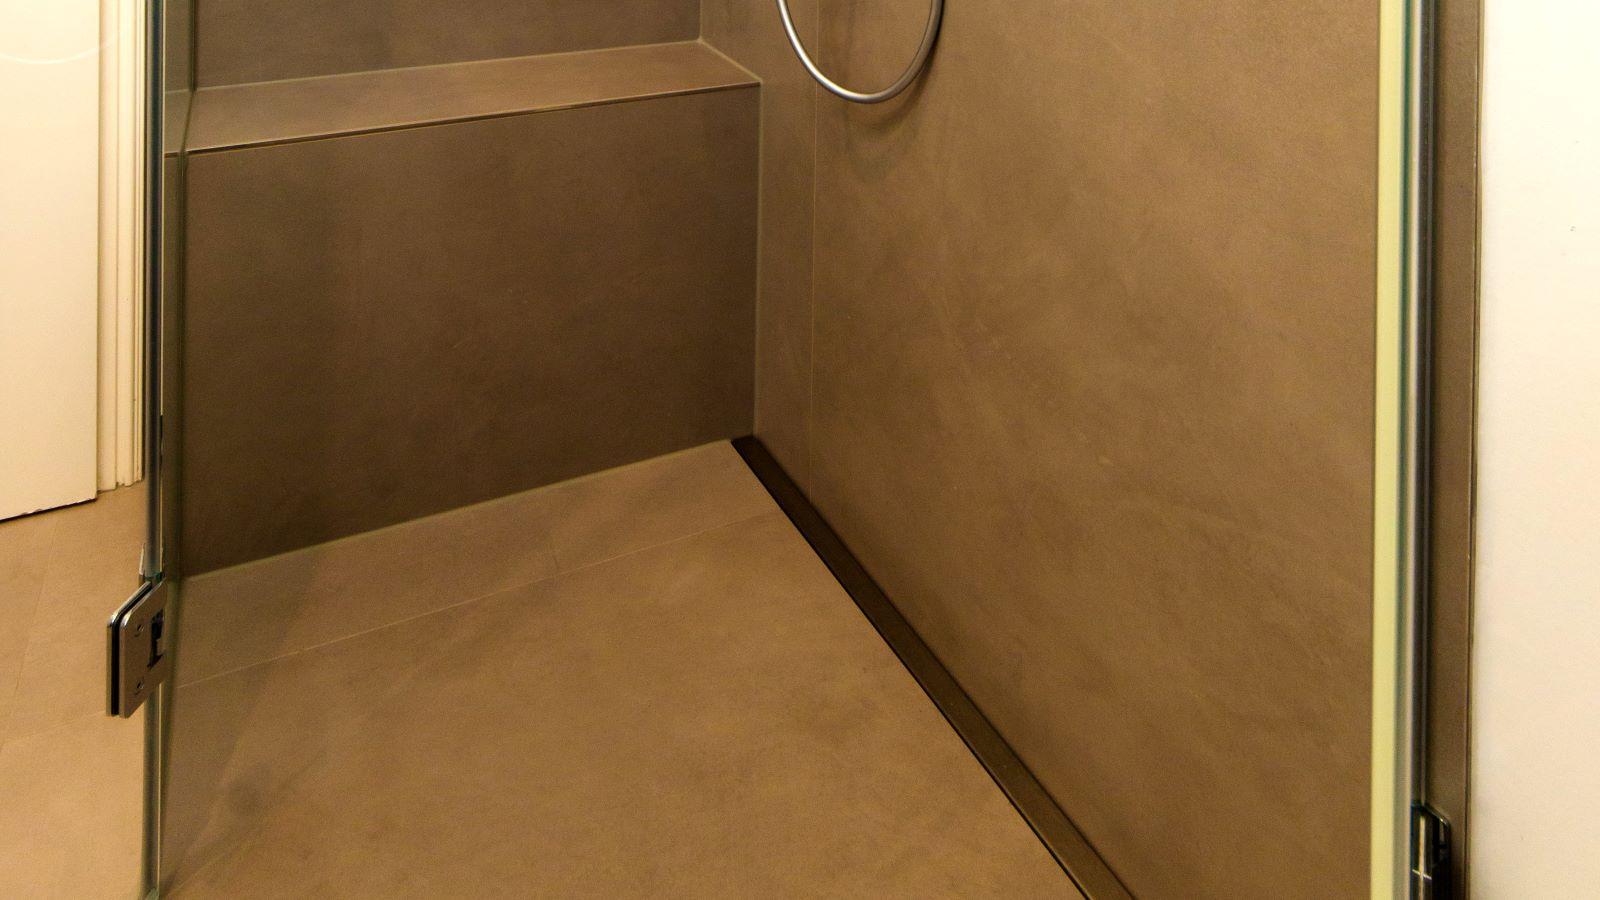 Abgebildet ist die in einer barrierefreien, geraeumigen dusche dezent wandbuendig eingebaute v4a edelstahl-duschrinne pro mit schmaler edelstahl abdeckung. Durch ihre sehr hohe ablaufleistung ermoeglicht die extra flache duschrinne pro eine sehr gute linienentwaesserung der bodengleichen dusche. Diese ebenerdige dusche mit XXL- boden- und wandfliesen ist sehr pflegeleicht